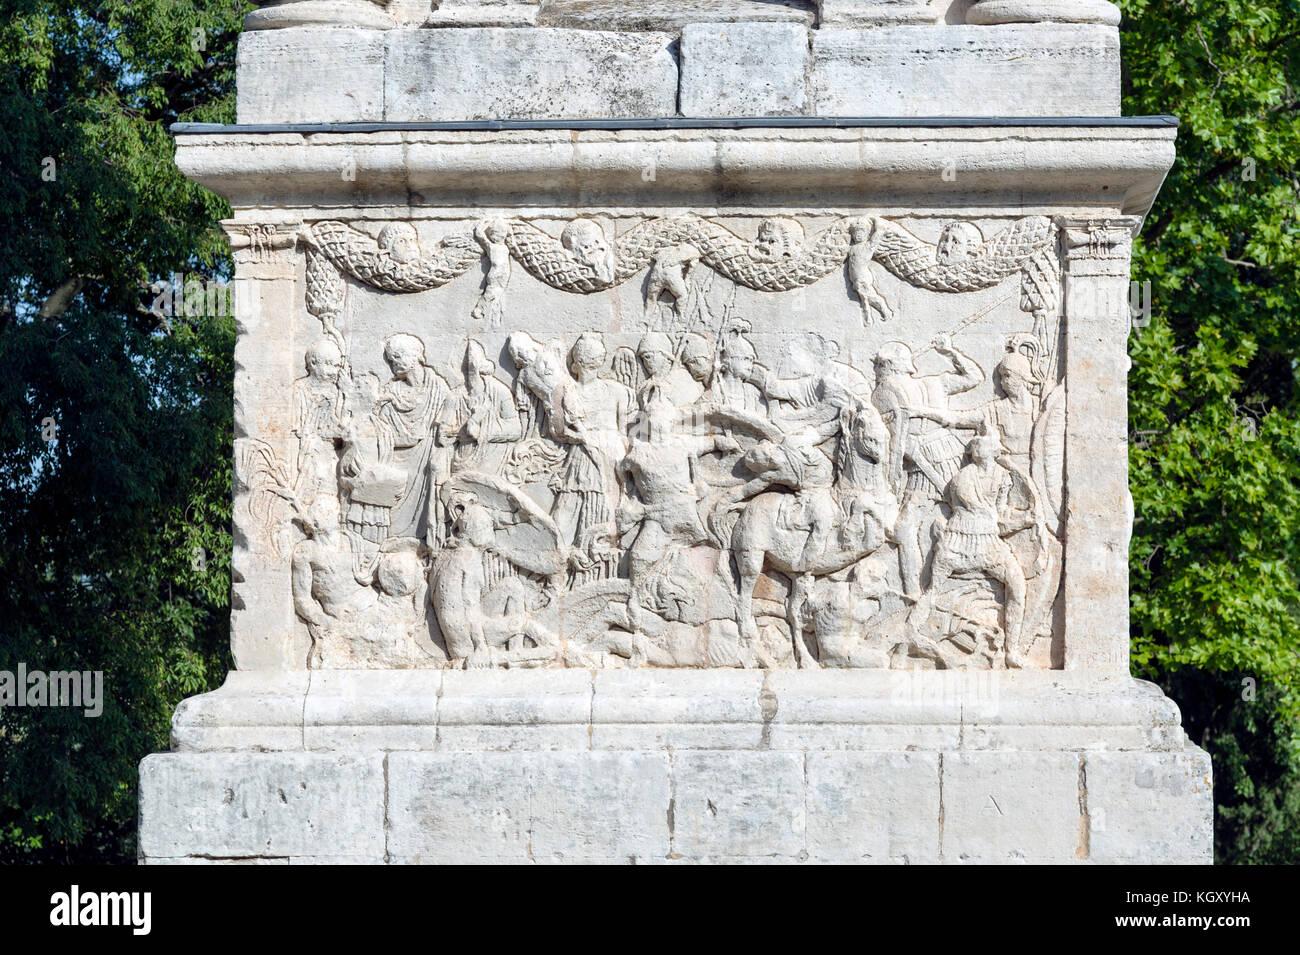 FRANCE. BOUCHES-DU-RHÔNE (13). ALPILLES REGIONAL PARC. SAINT-REMY-DE PROVENCE. GLANUM, ROMAN ARCHAEOLOGICAL - Stock Image